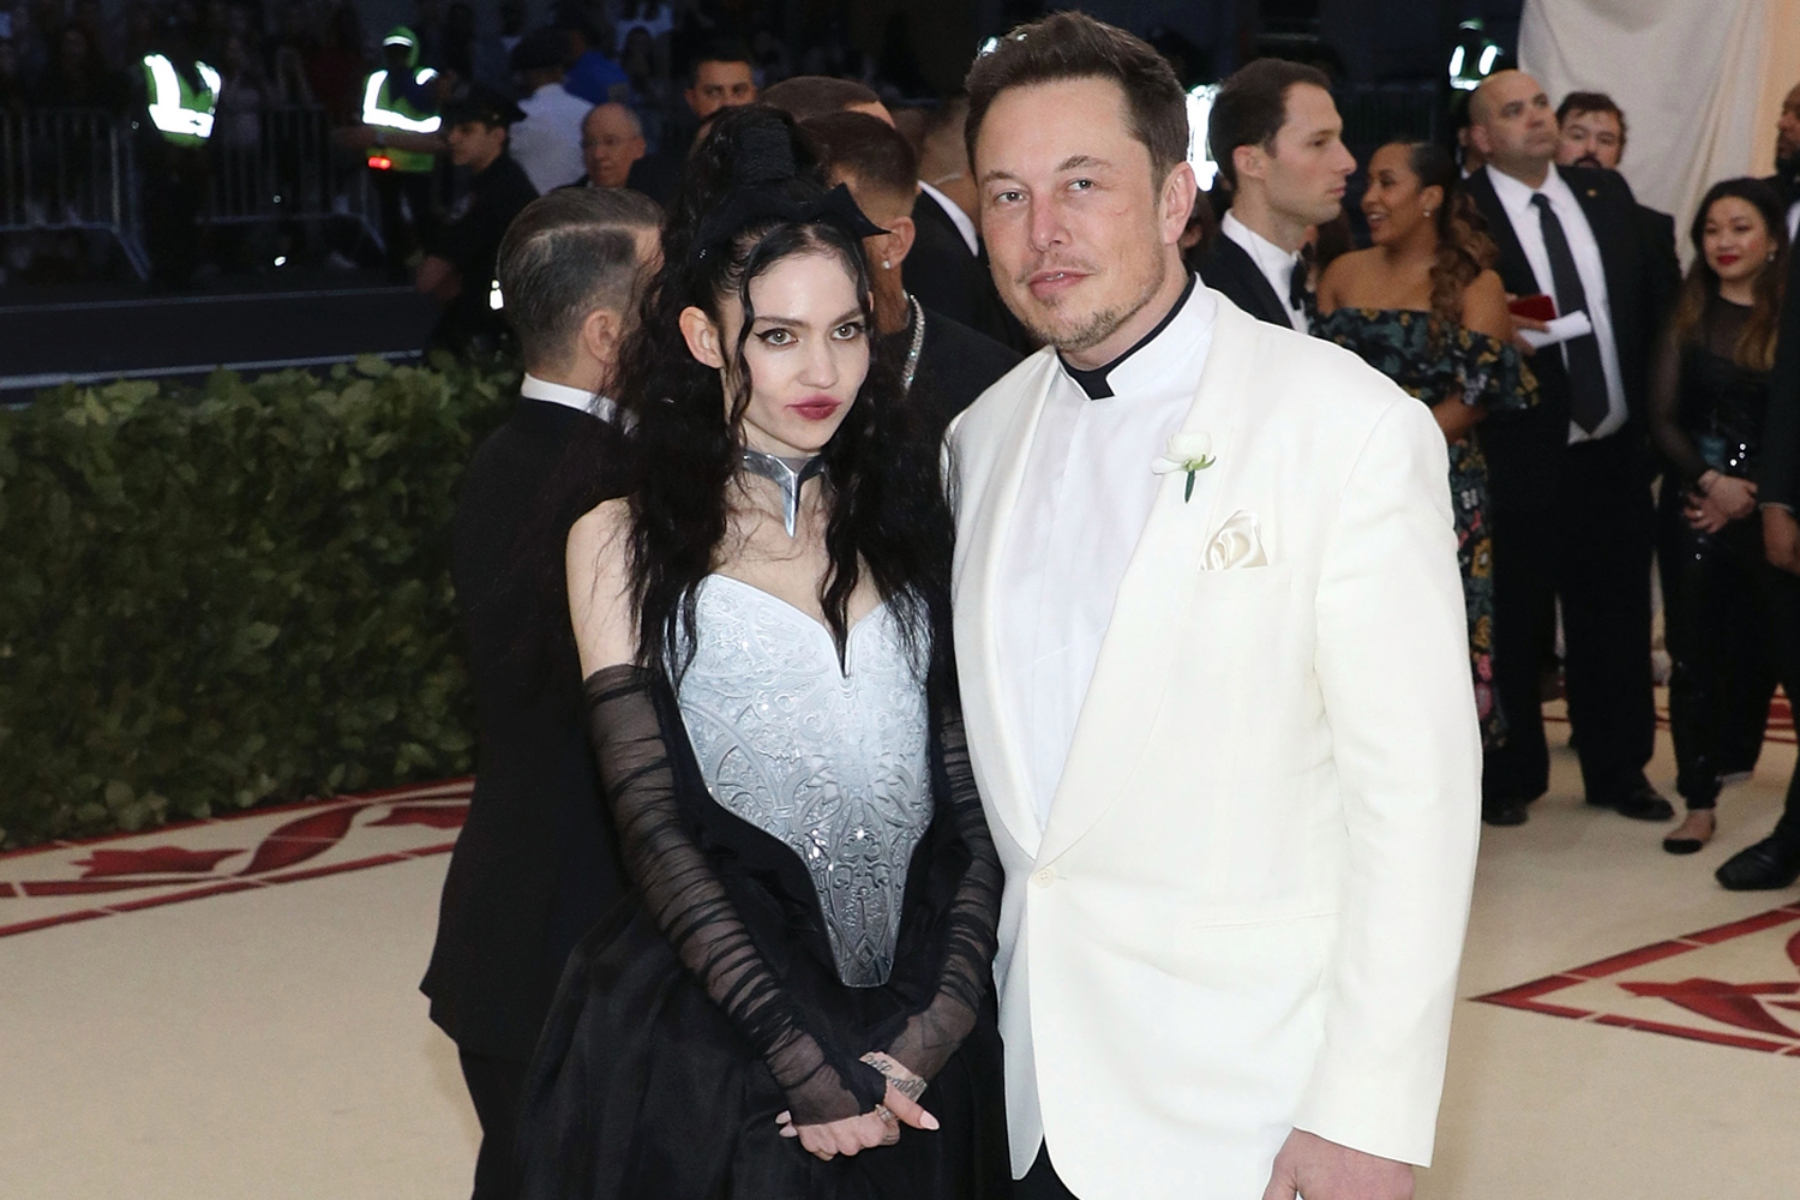 Elon Musk Grimes: Ο εκκεντρικός μεγιστάνας της Tesla χώρισε έπειτα από 3 χρόνια σχέσης